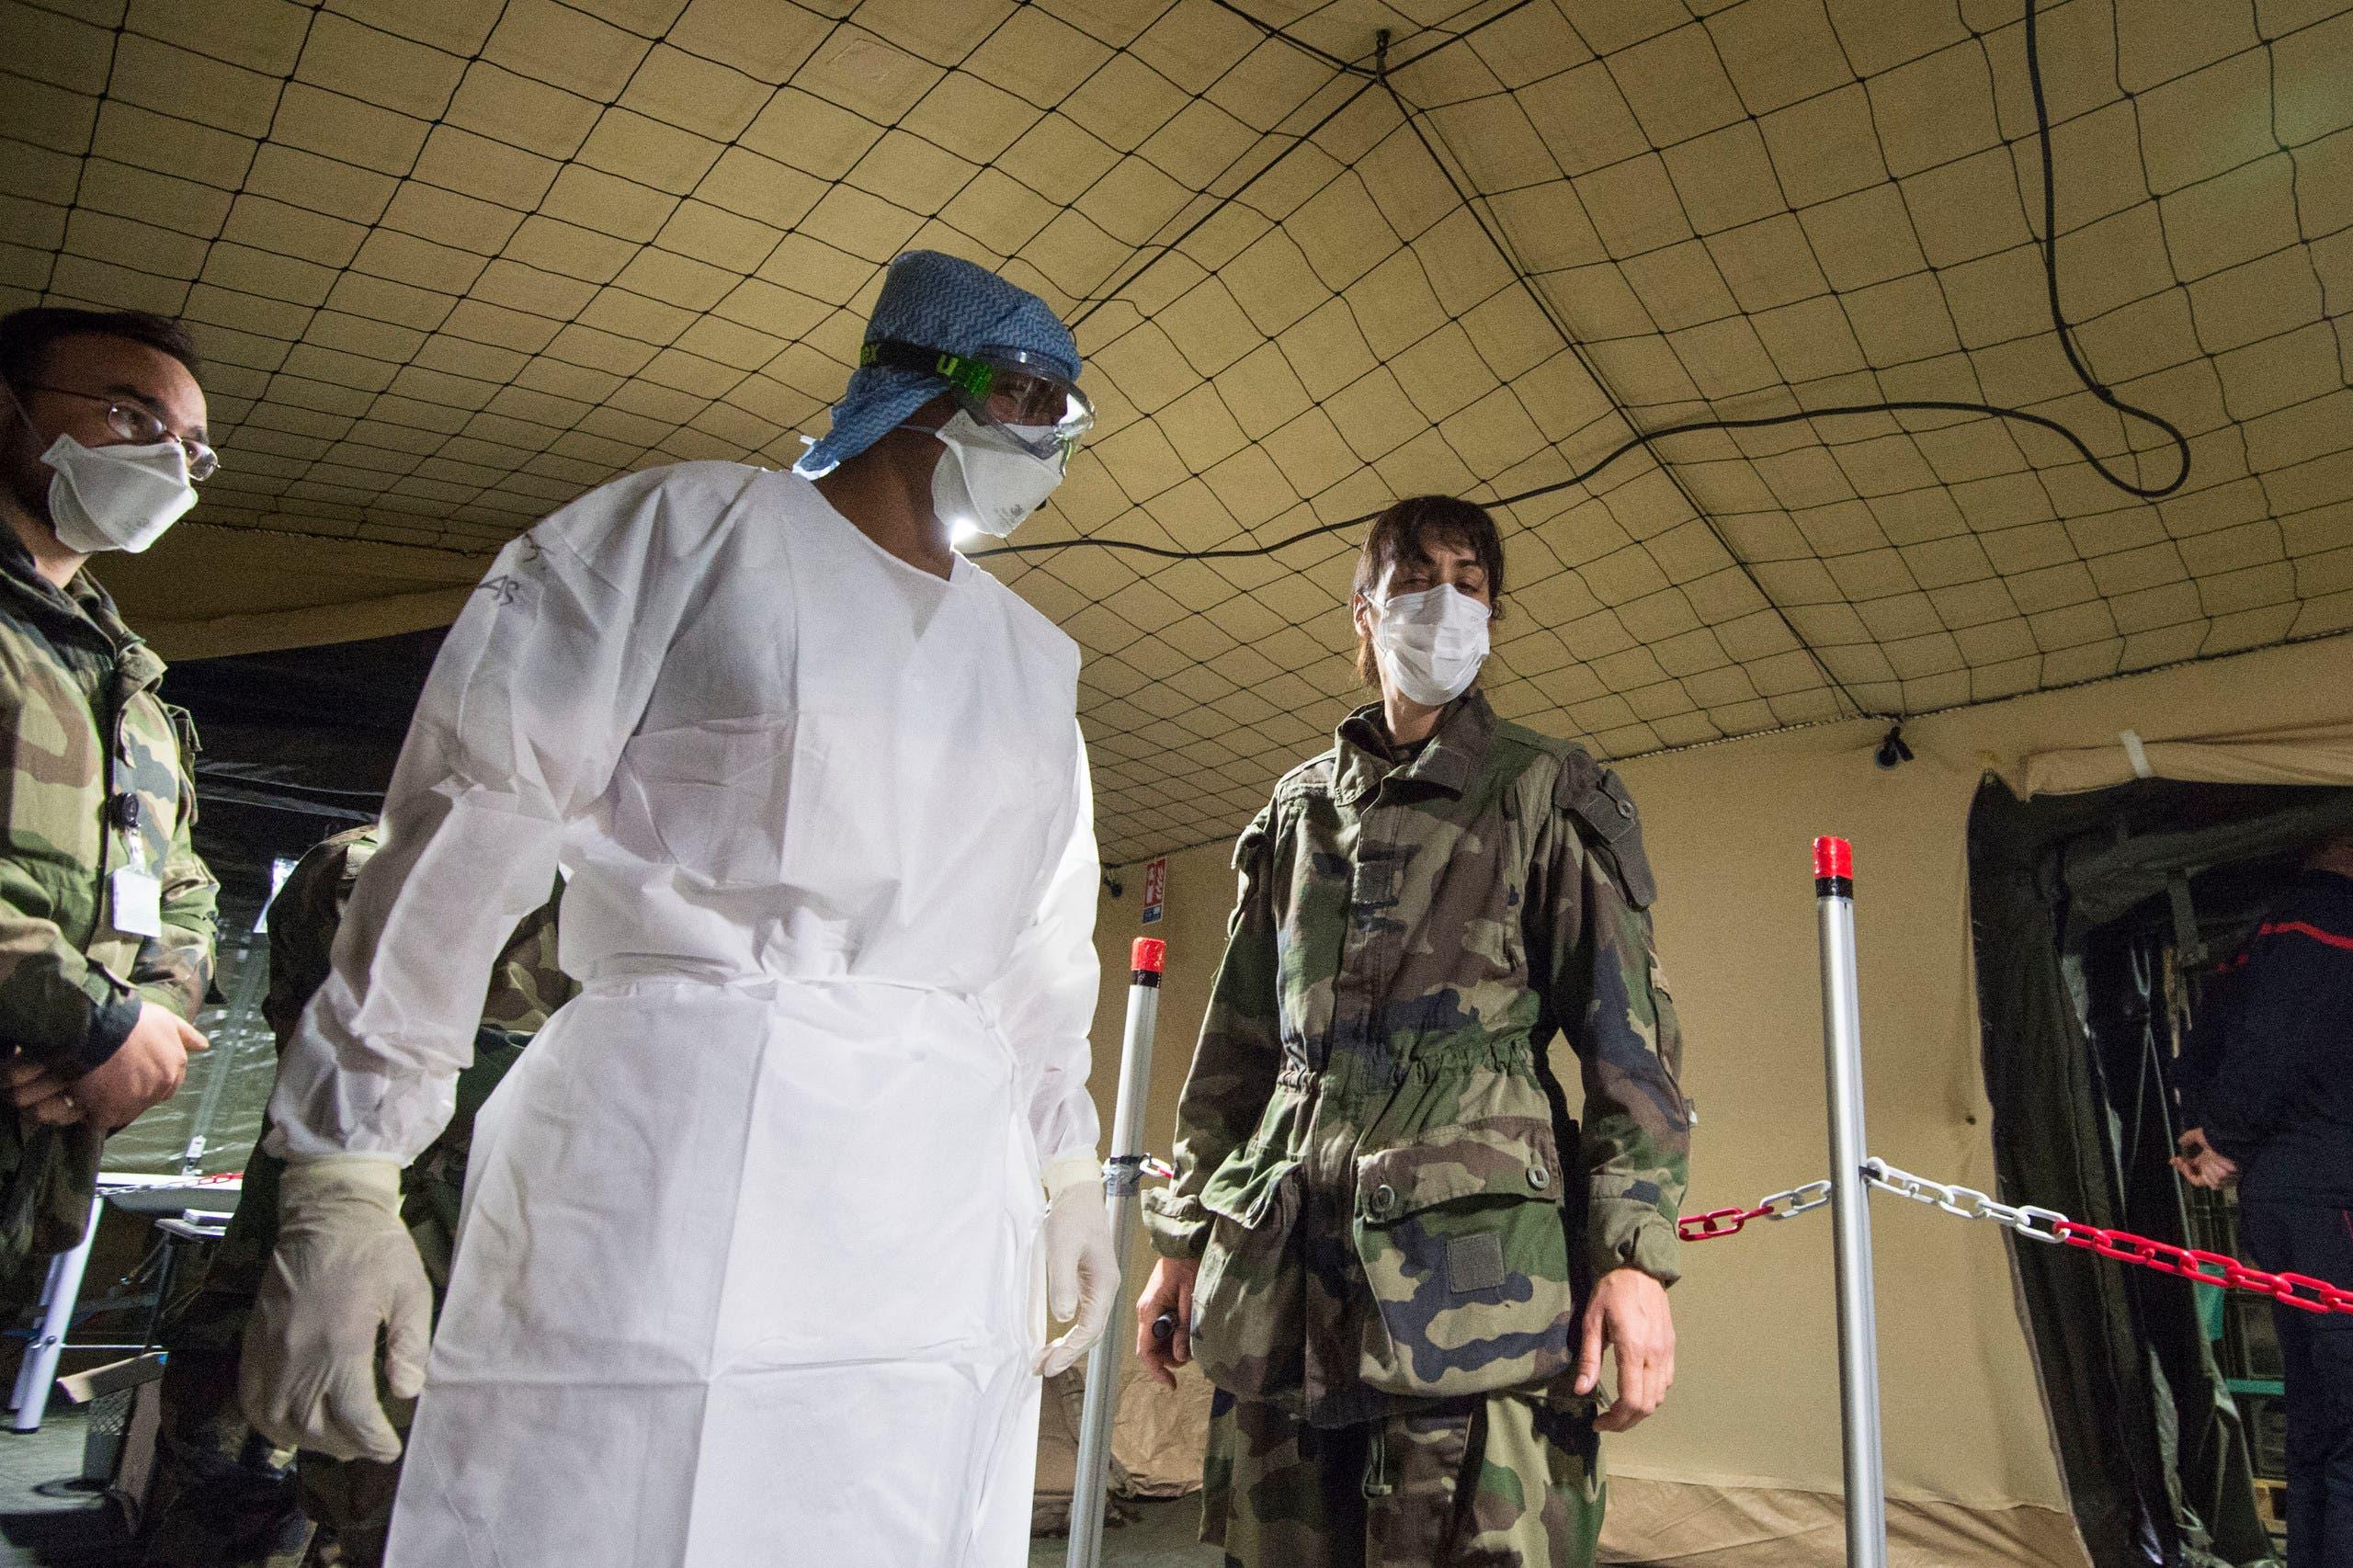 من المستشفى الميداني العسكري الذي أنشأه الجيش في مولوز